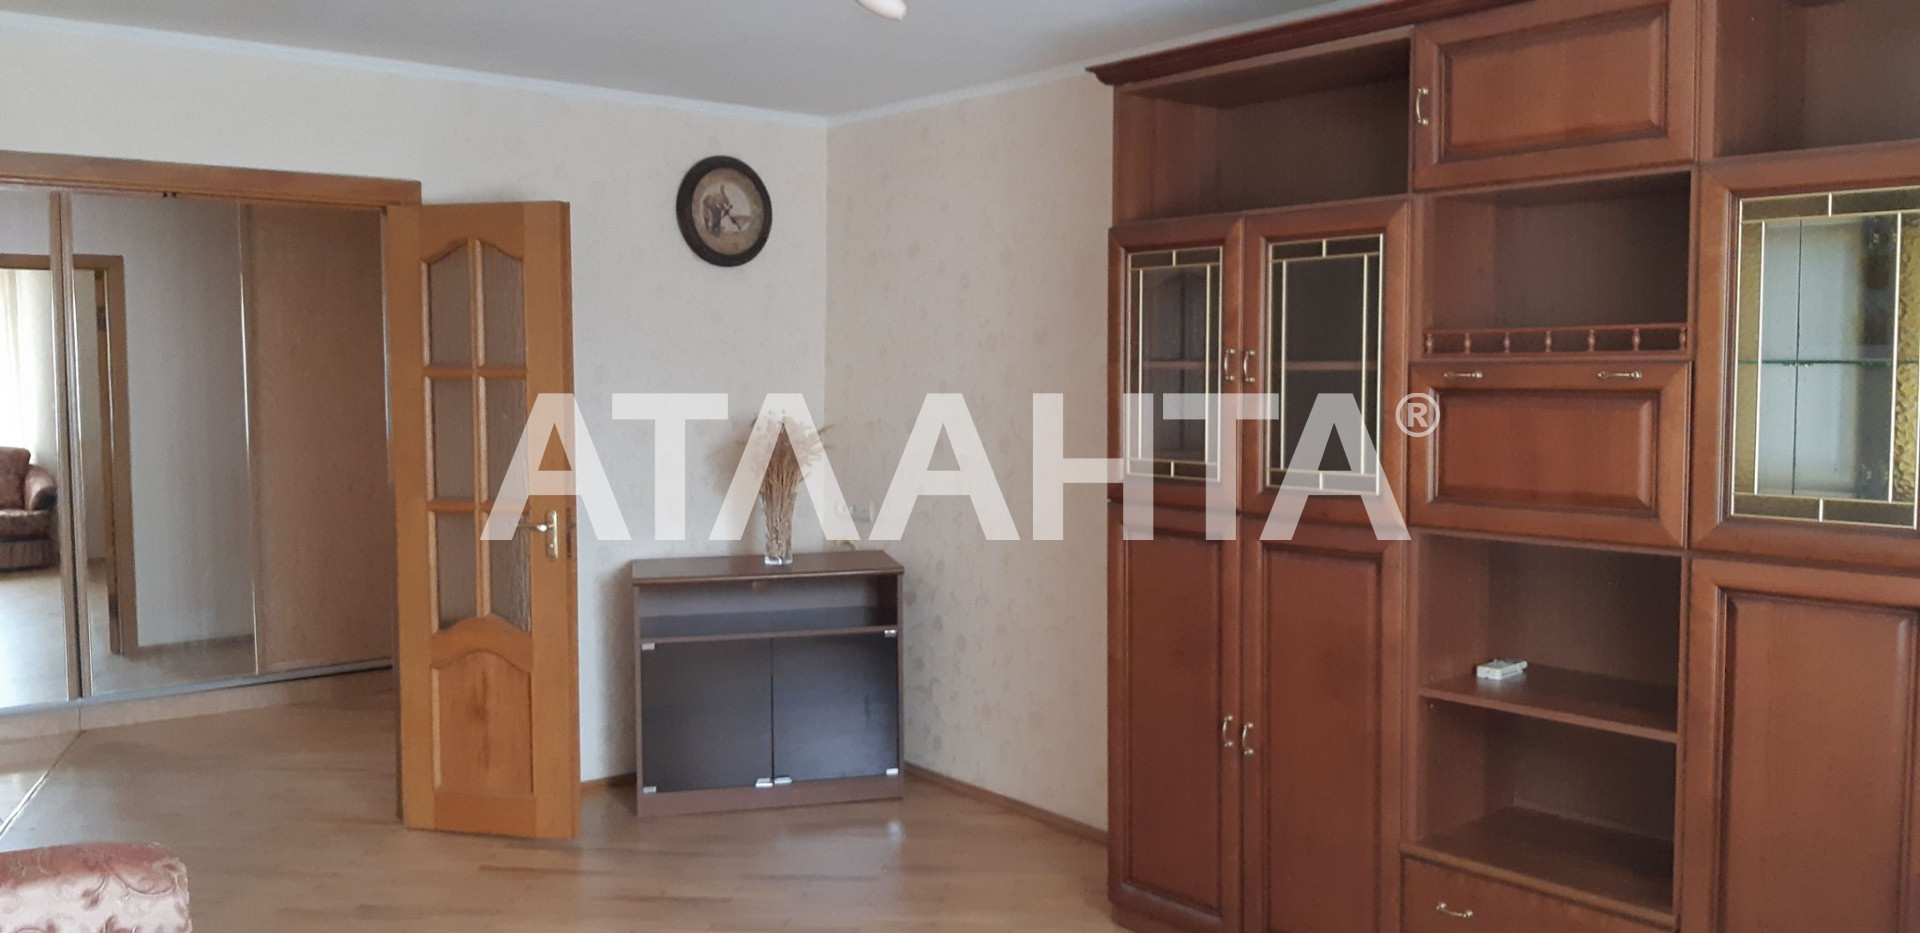 Продается 3-комнатная Квартира на ул. Просп. Лобановского — 79 000 у.е. (фото №4)